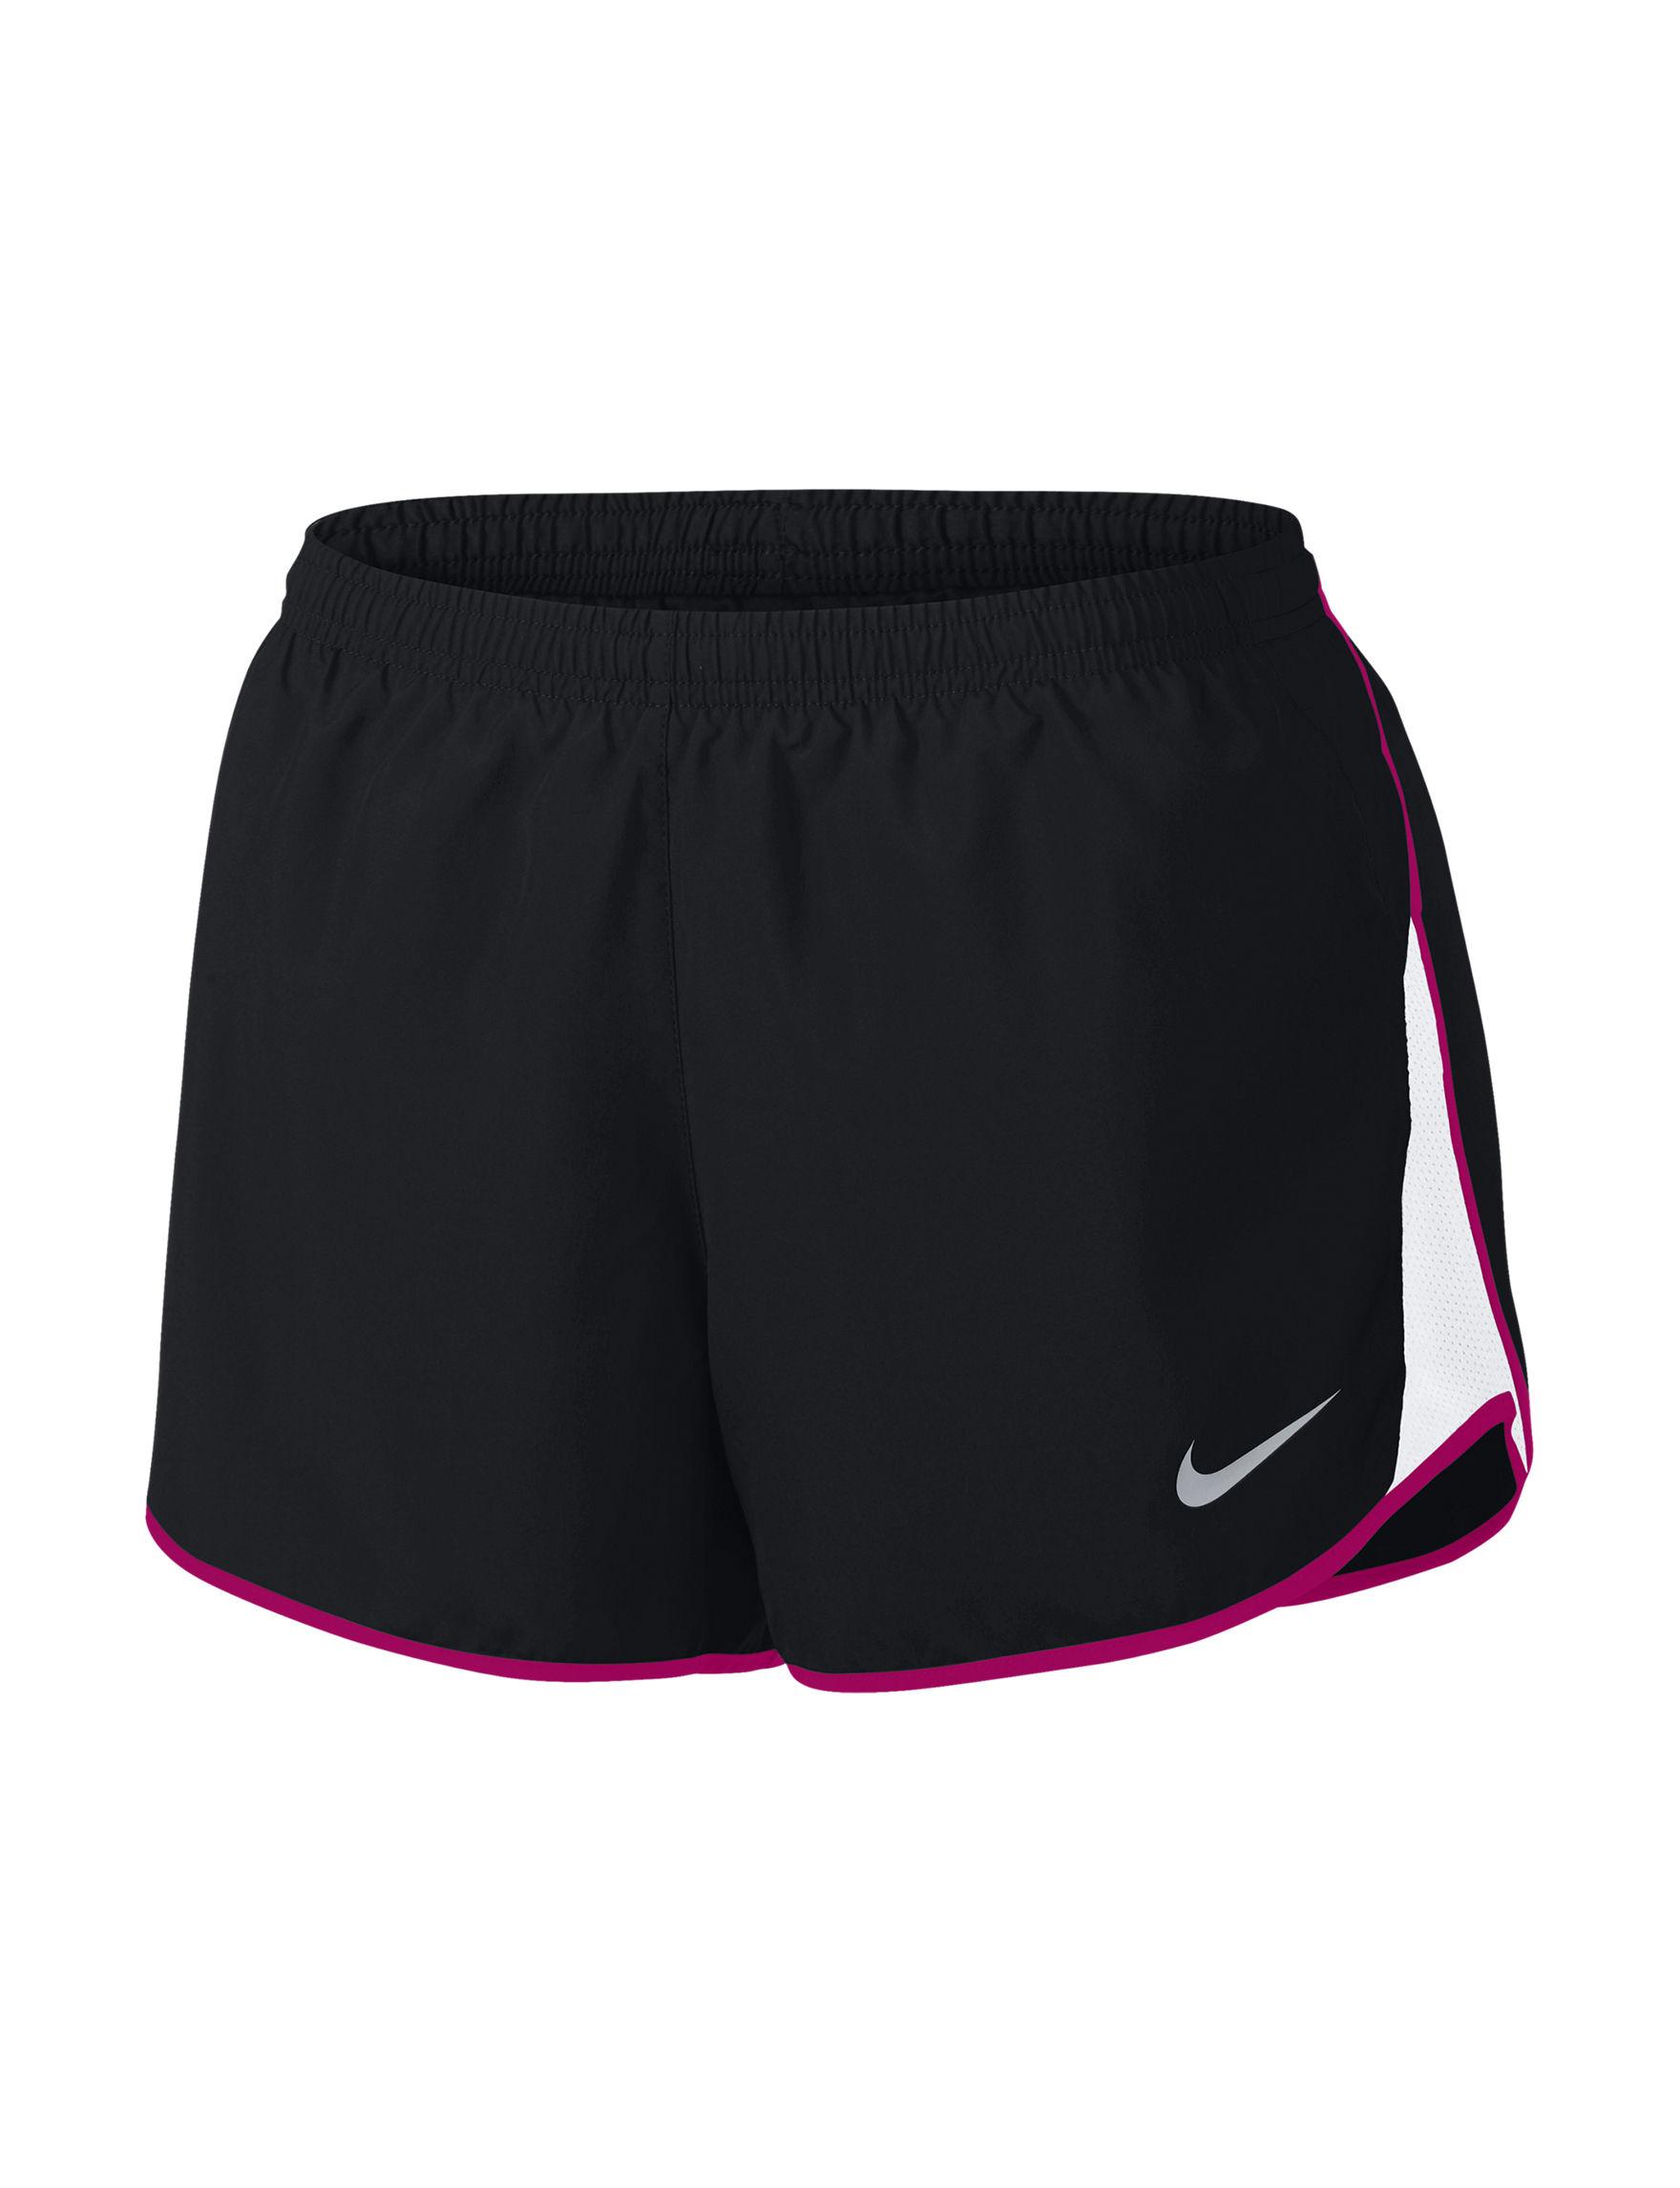 Nike Black Loose